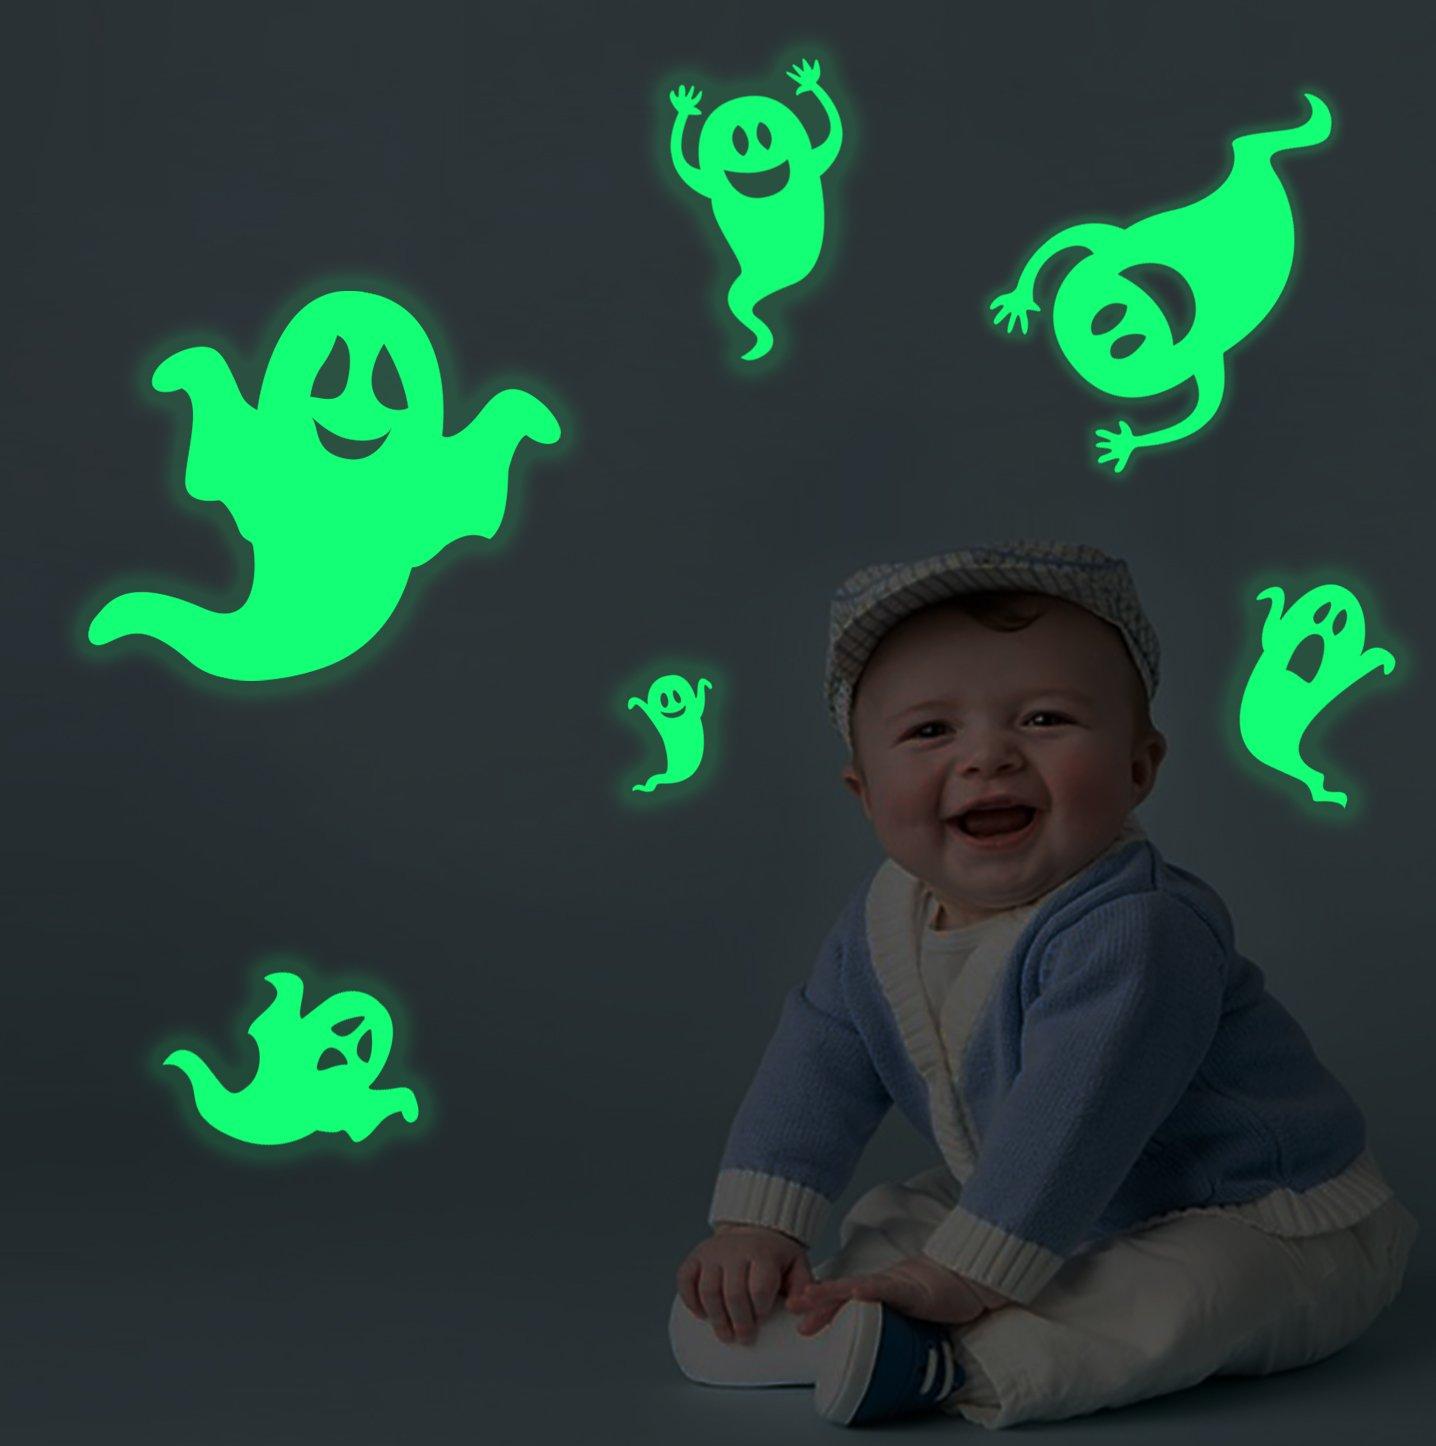 Lamdgbway Halloween Lumineux Muraux Autocollants Brille dans le noir Maison Décoratif Fluorescent Autocollants 6pcs Fantômes